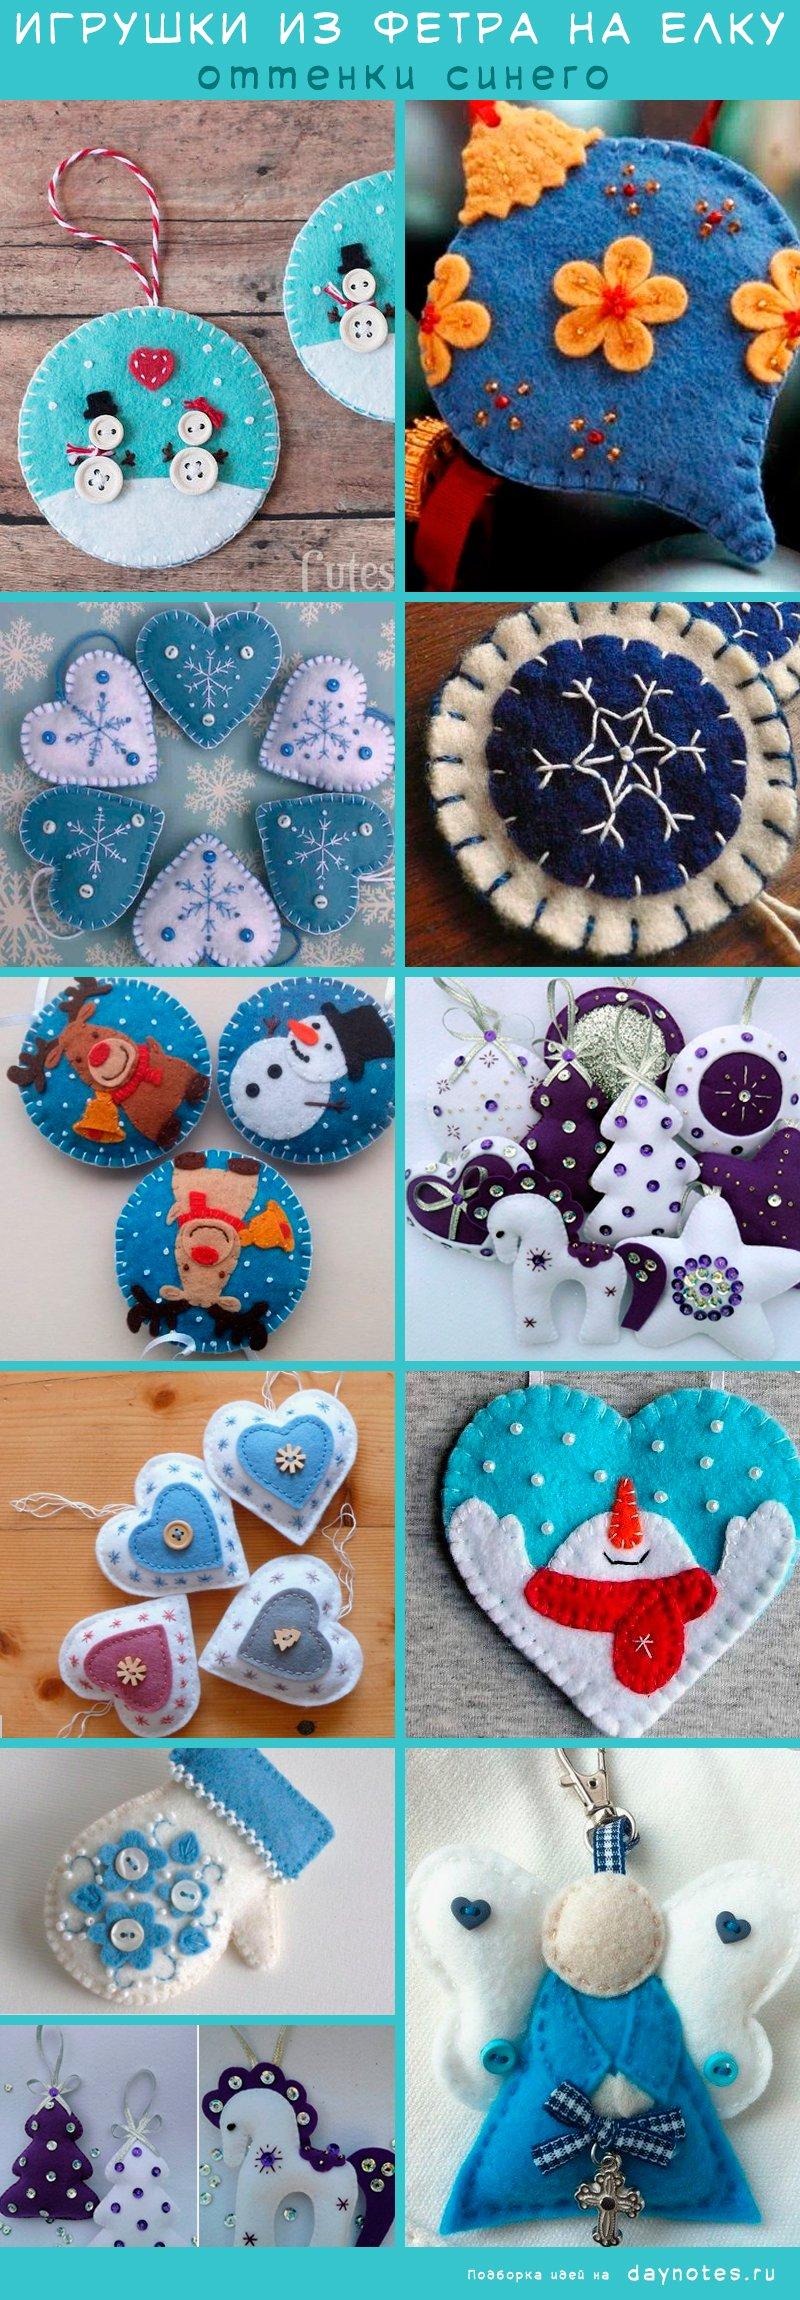 новогодние игрушки из фетра в синих тонах